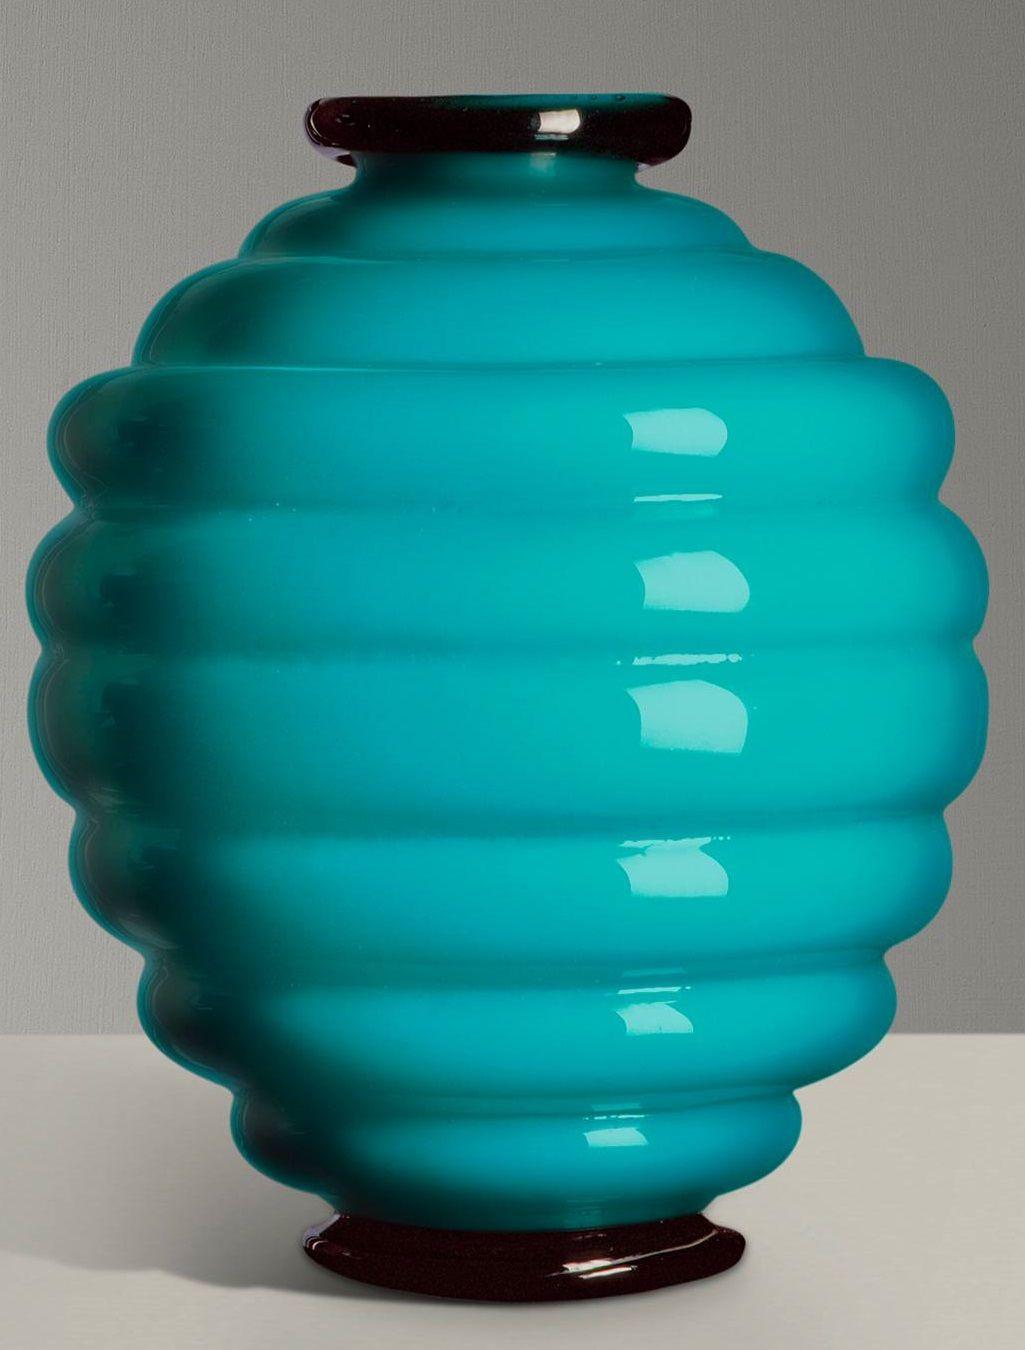 murano glass vase of 1930 venini glass vase by napoleone martinuzzi murano glass inside 1930 venini glass vase by napoleone martinuzzi